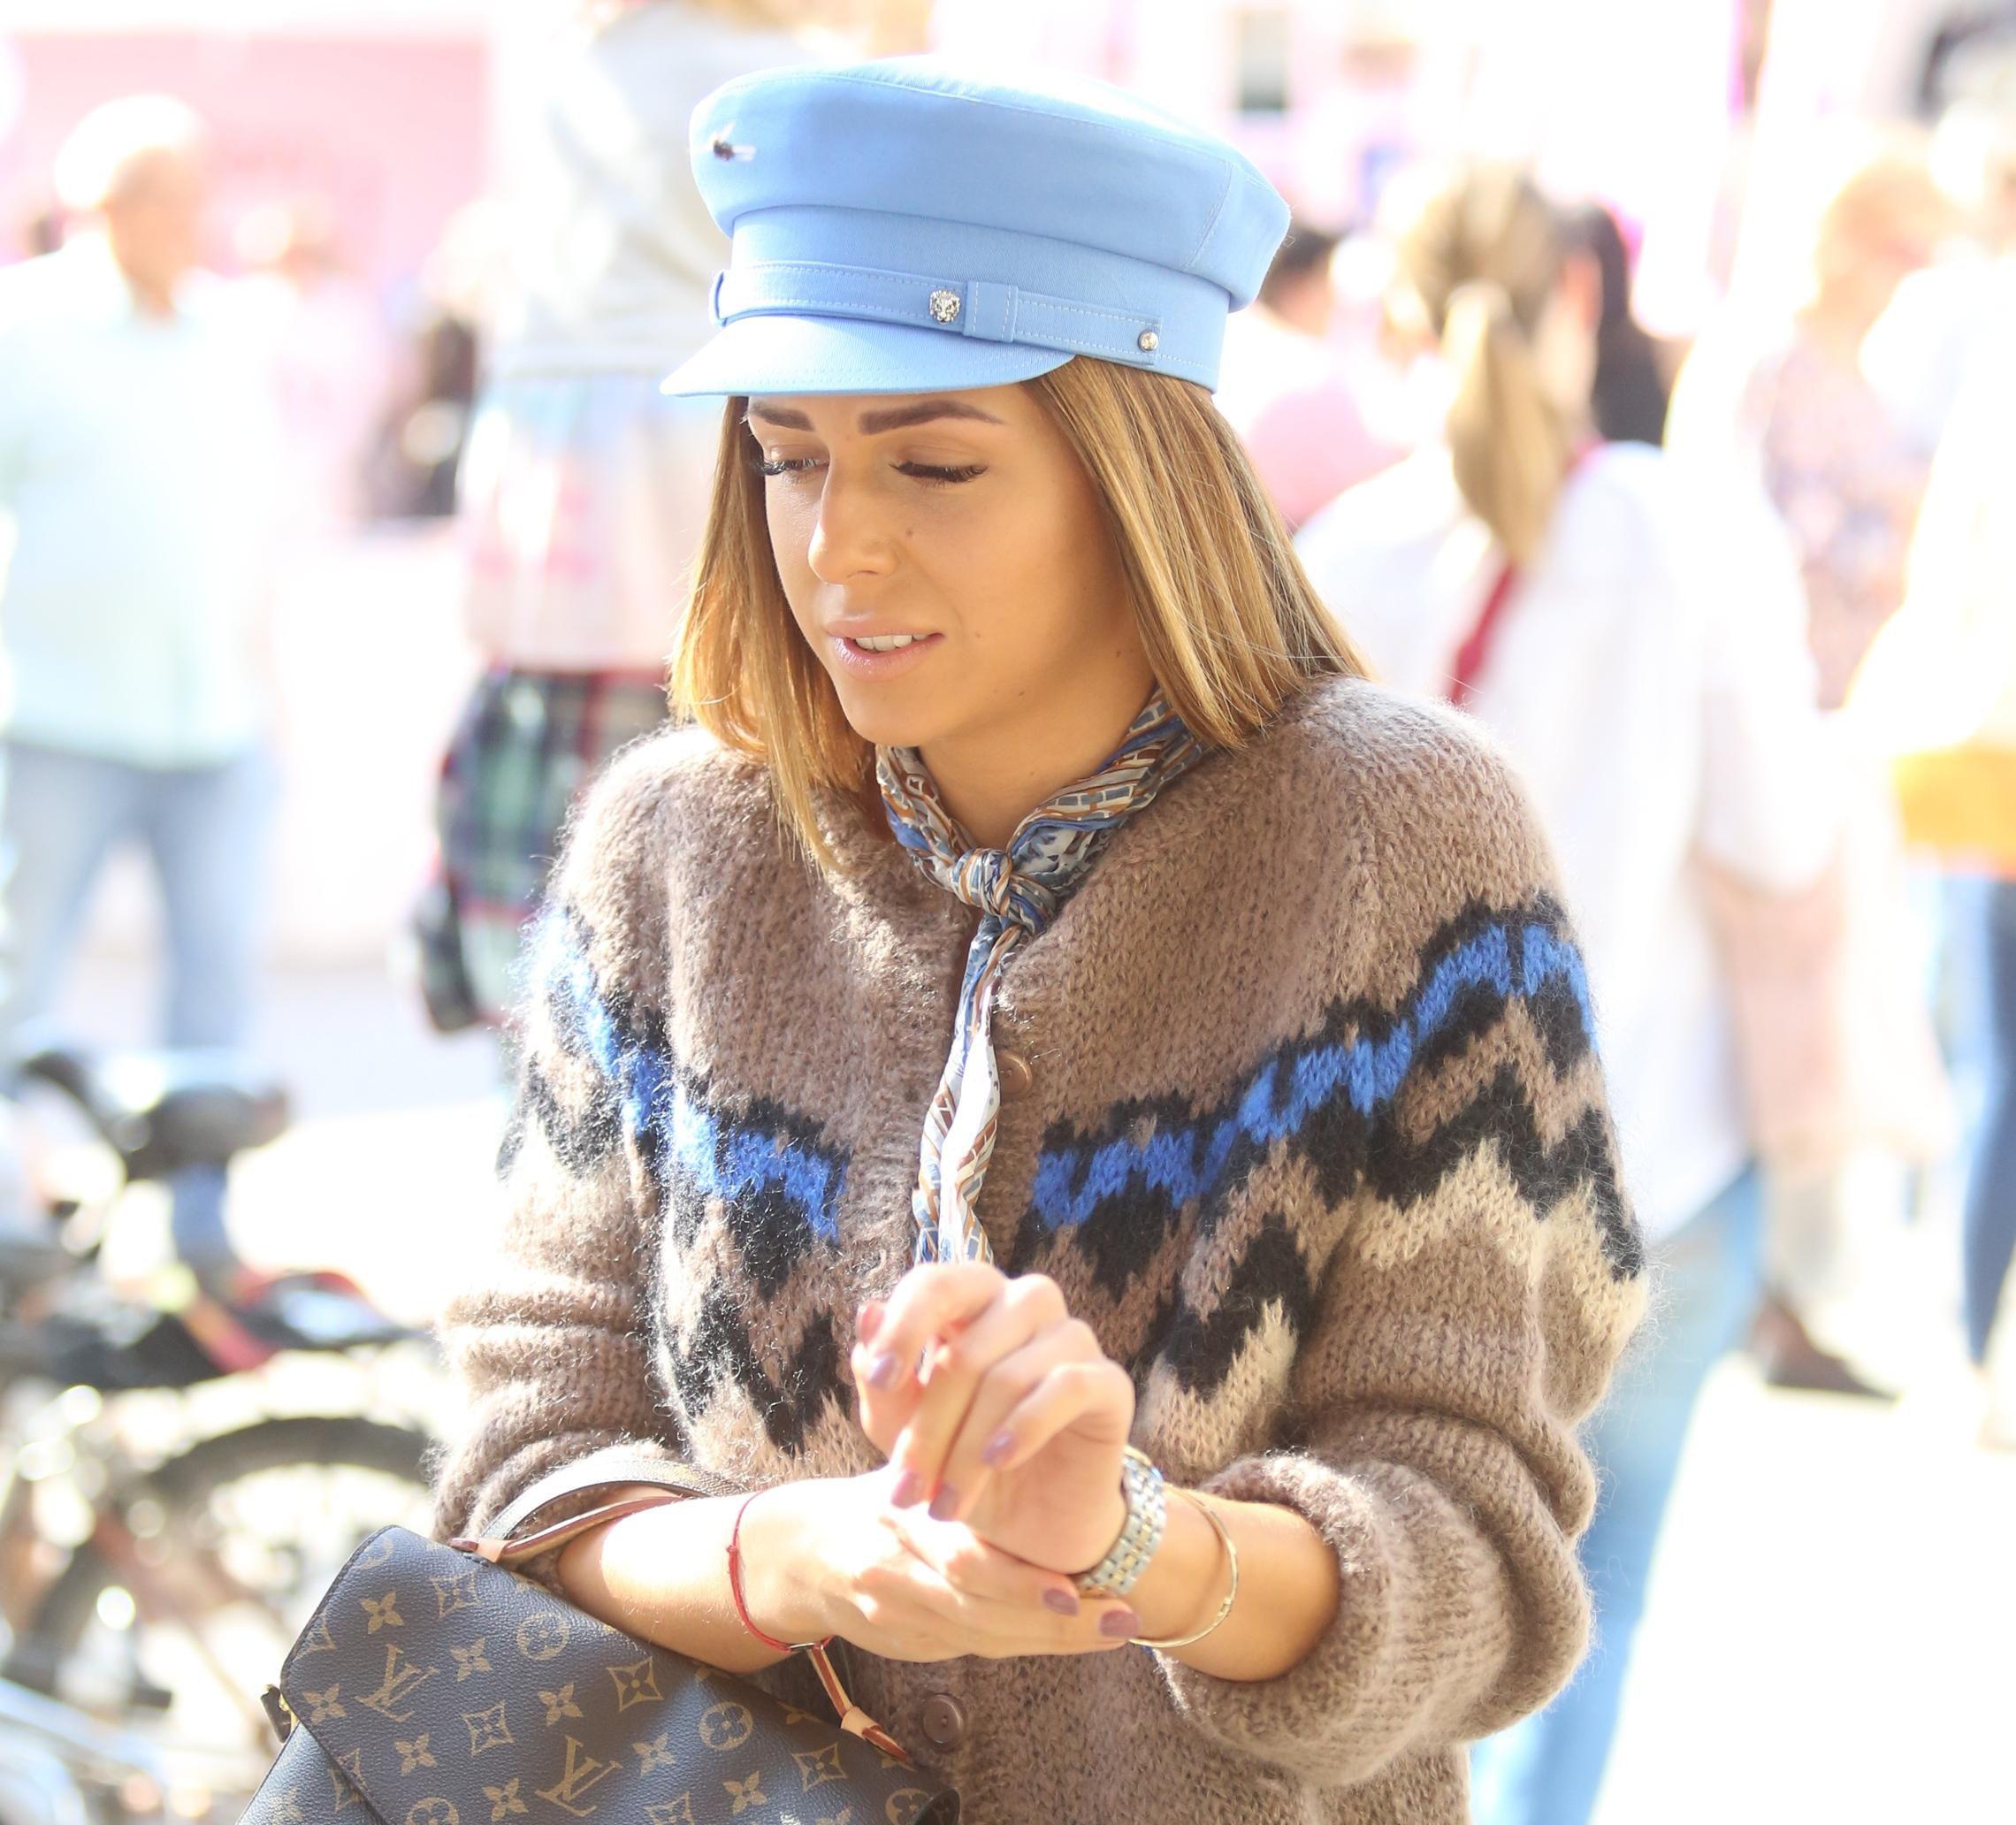 Za njezinom su torbicom fashionistice jednostavno lude, no cijena joj je vrtoglavo visoka!